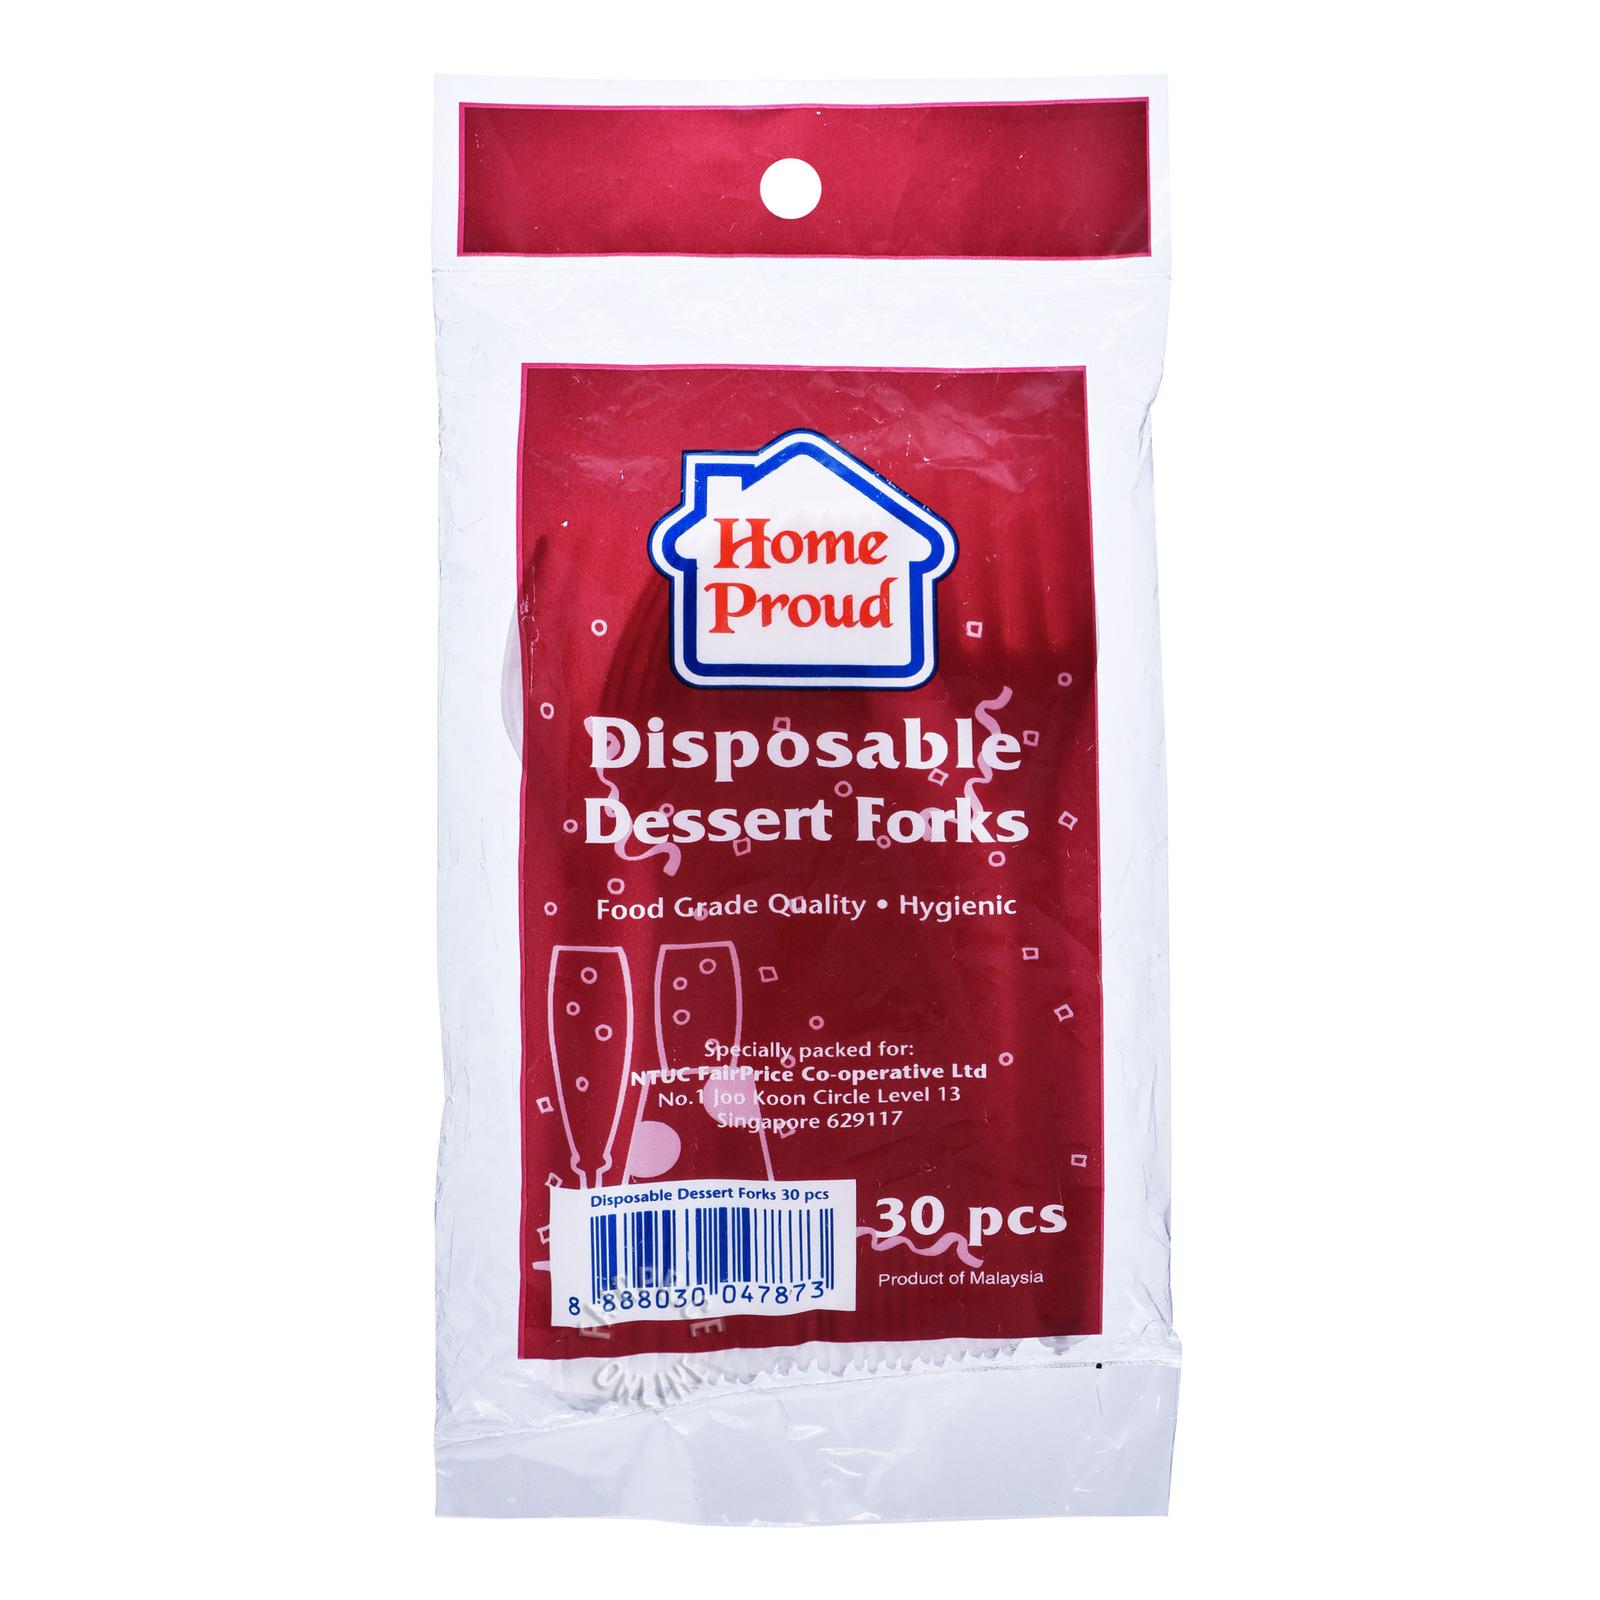 HomeProud Disposable Dessert Forks